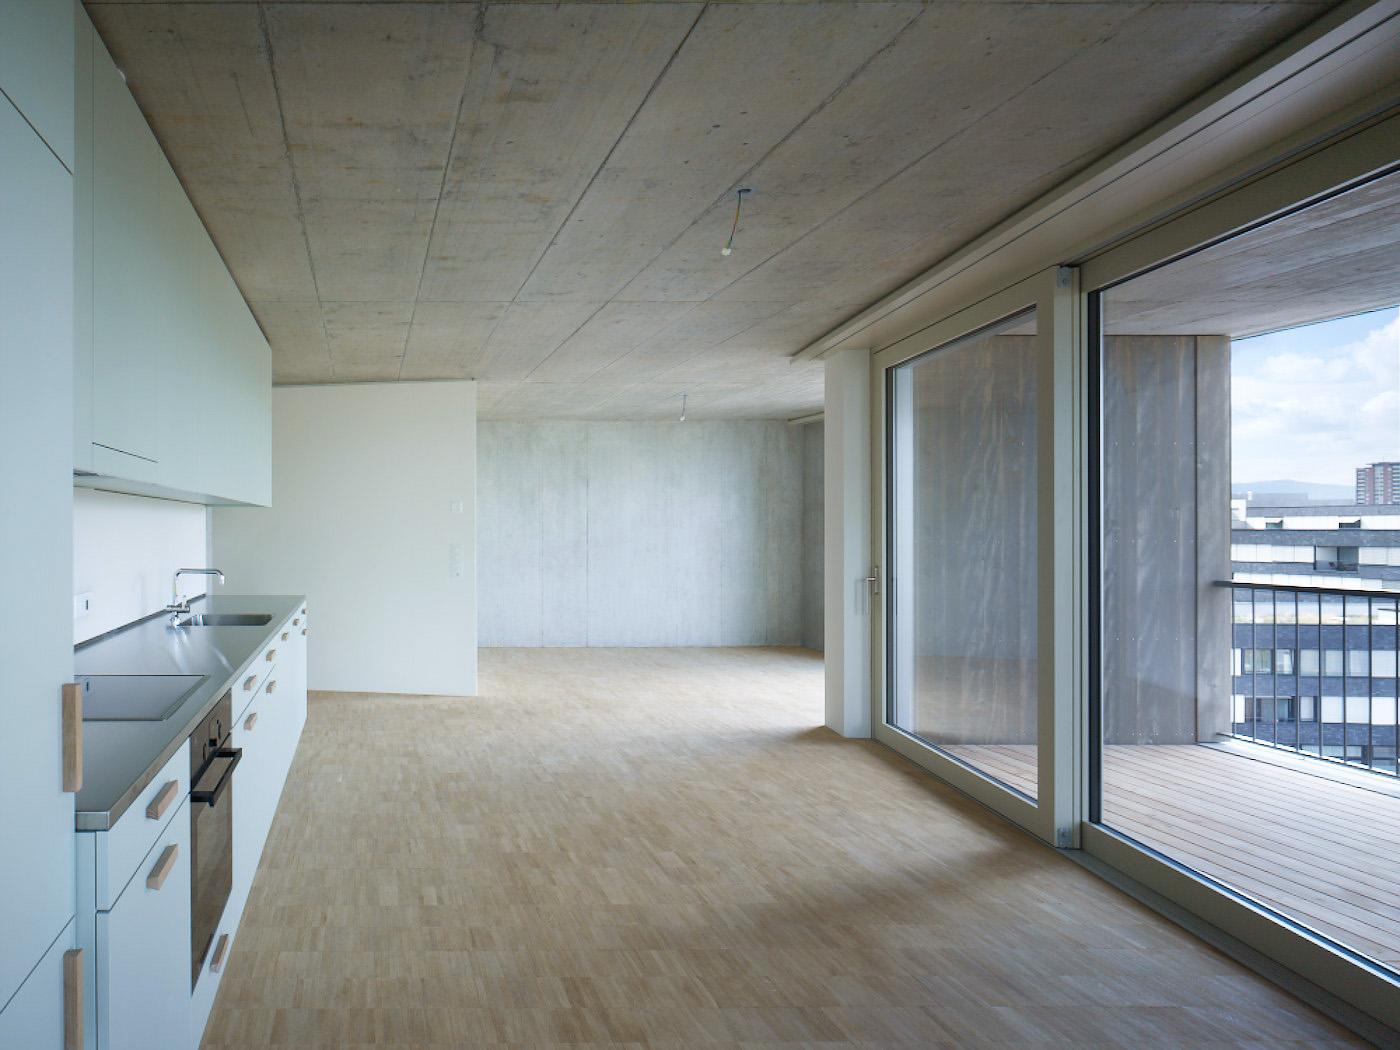 Küche Architektur für architekten hossmann küchen ag